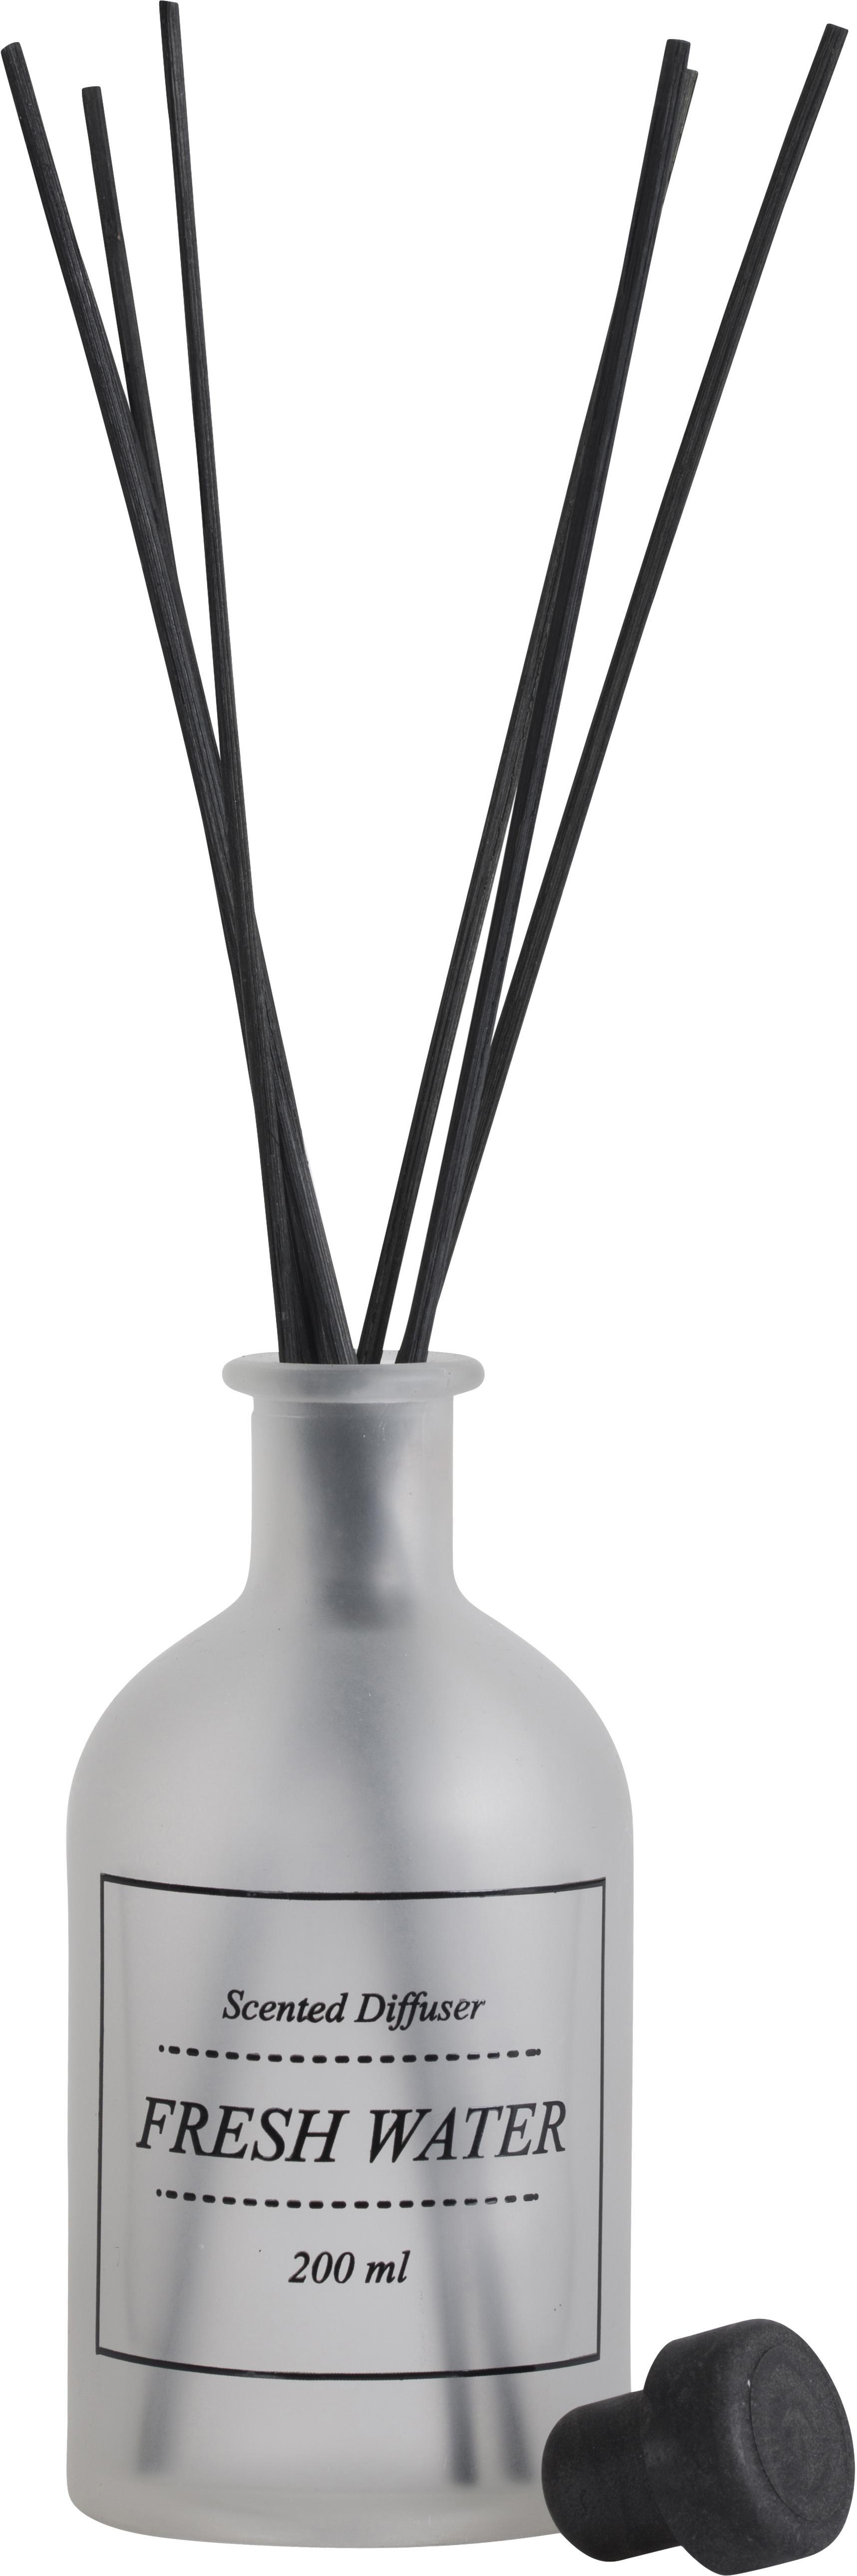 Diffusore Fresh Water (fresca brezza marina), Vetro, bastoncini di rattan, Trasparente, nero, Ø 7 x A 29 cm